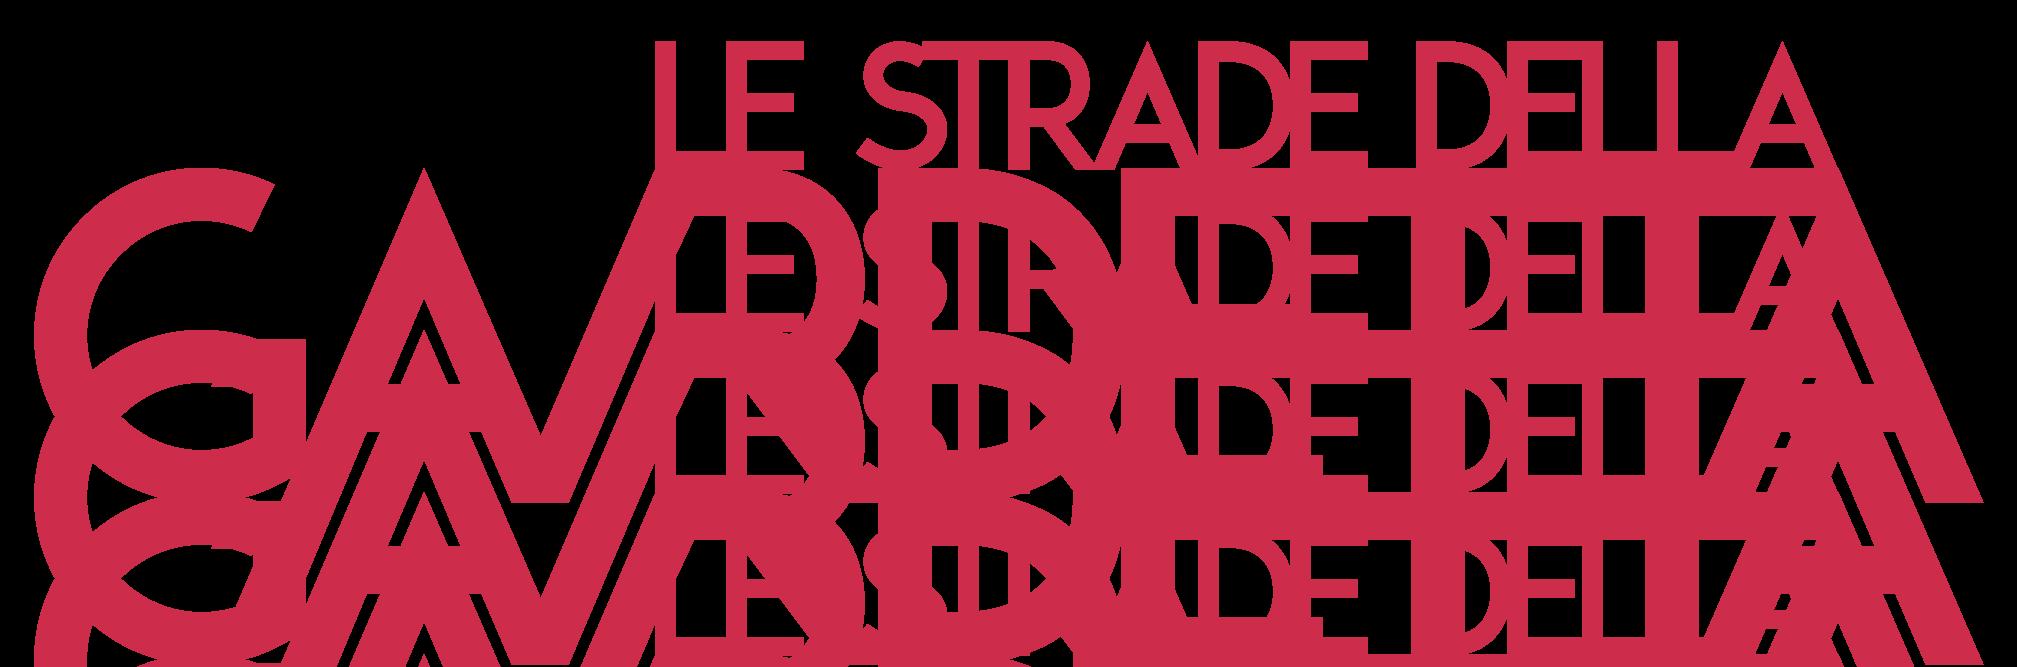 Le Strade Della Gardetta Logo